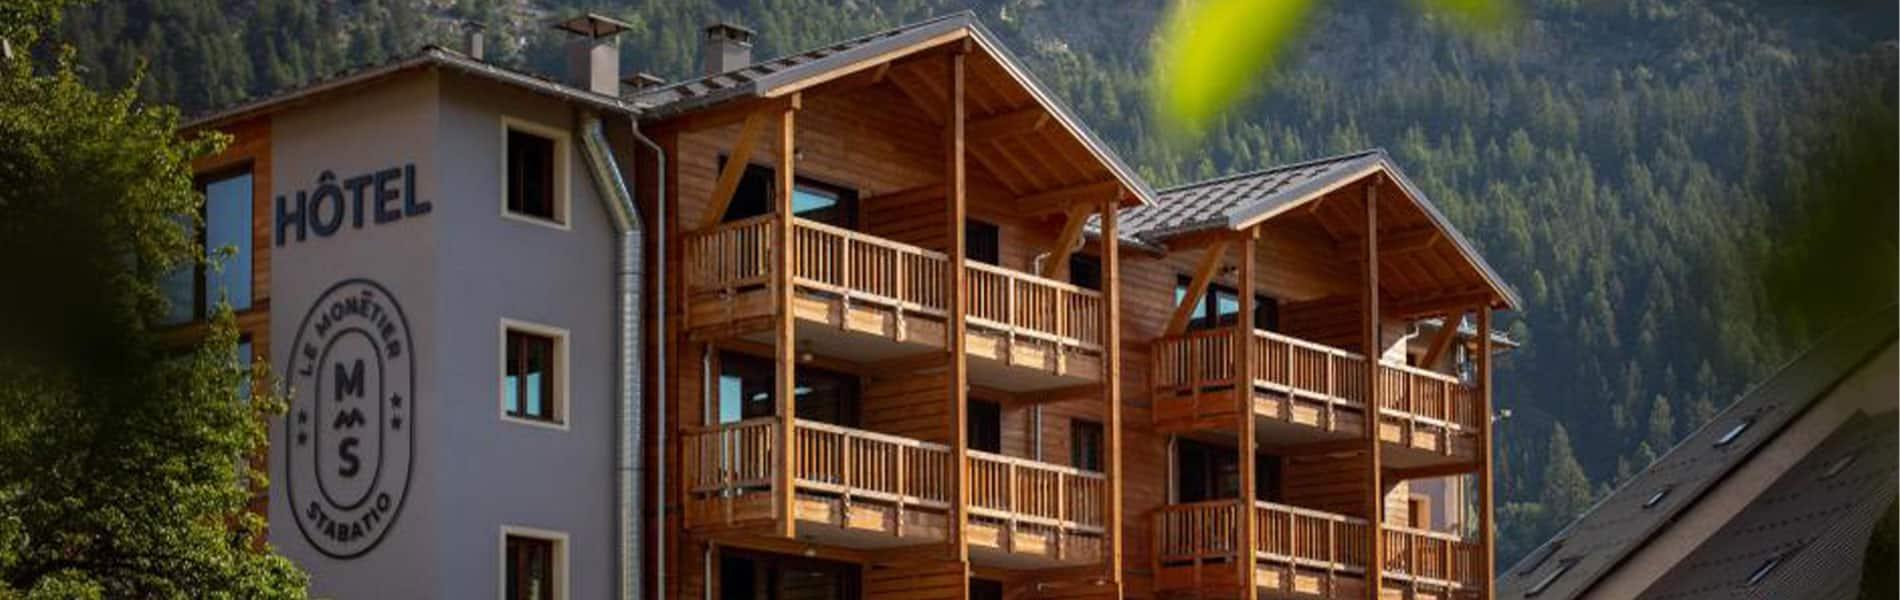 Hôtel Monêtier : un établissement de charme dans la vallée de Serre-Chevalier